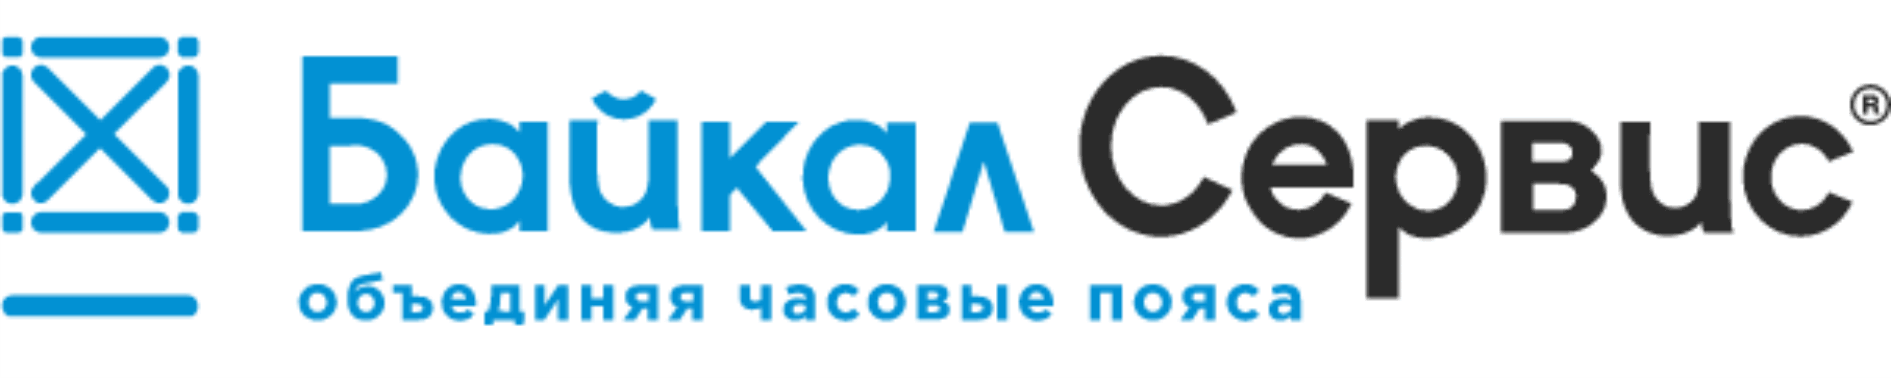 Перейти на сайт ТК Байкал Сервис